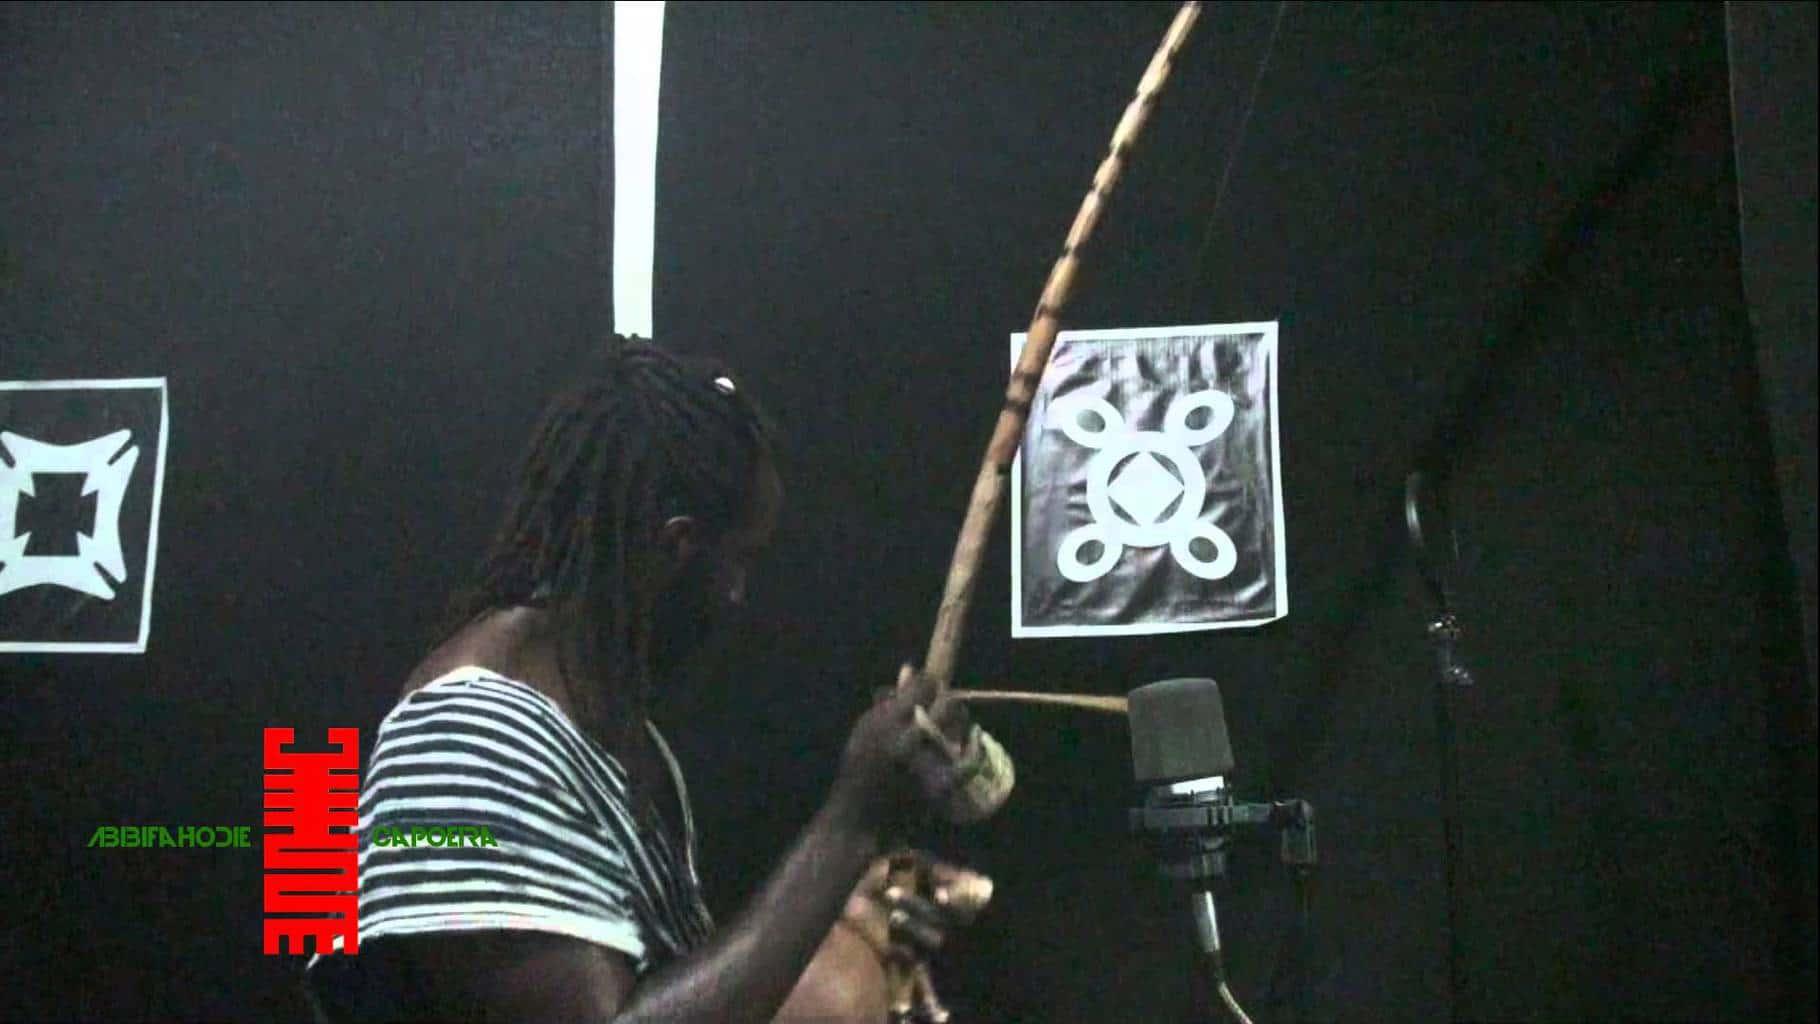 Abibifahodie Capoeira Ɔbɛnta Songs in Twi, Kikôngo, Wolof and Yorùbá